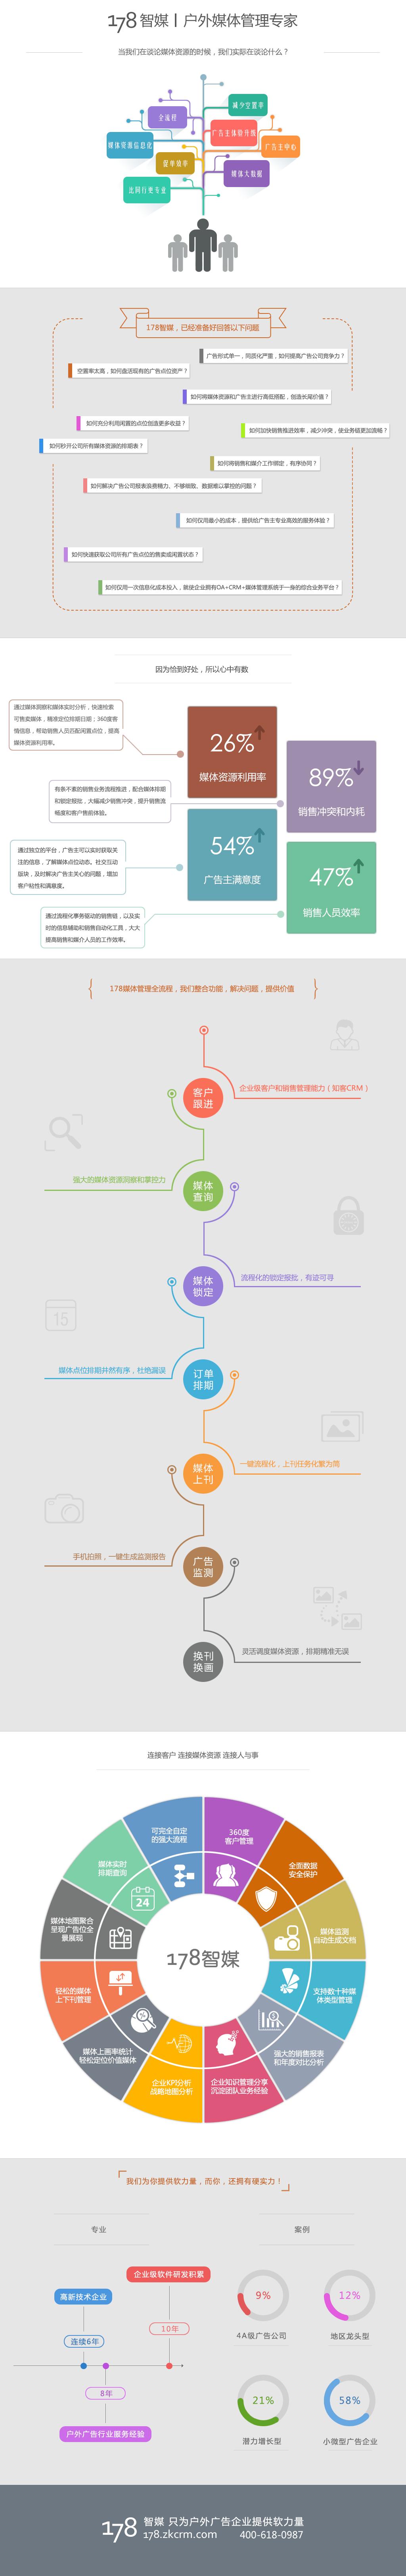 178智媒户外广告管理系统